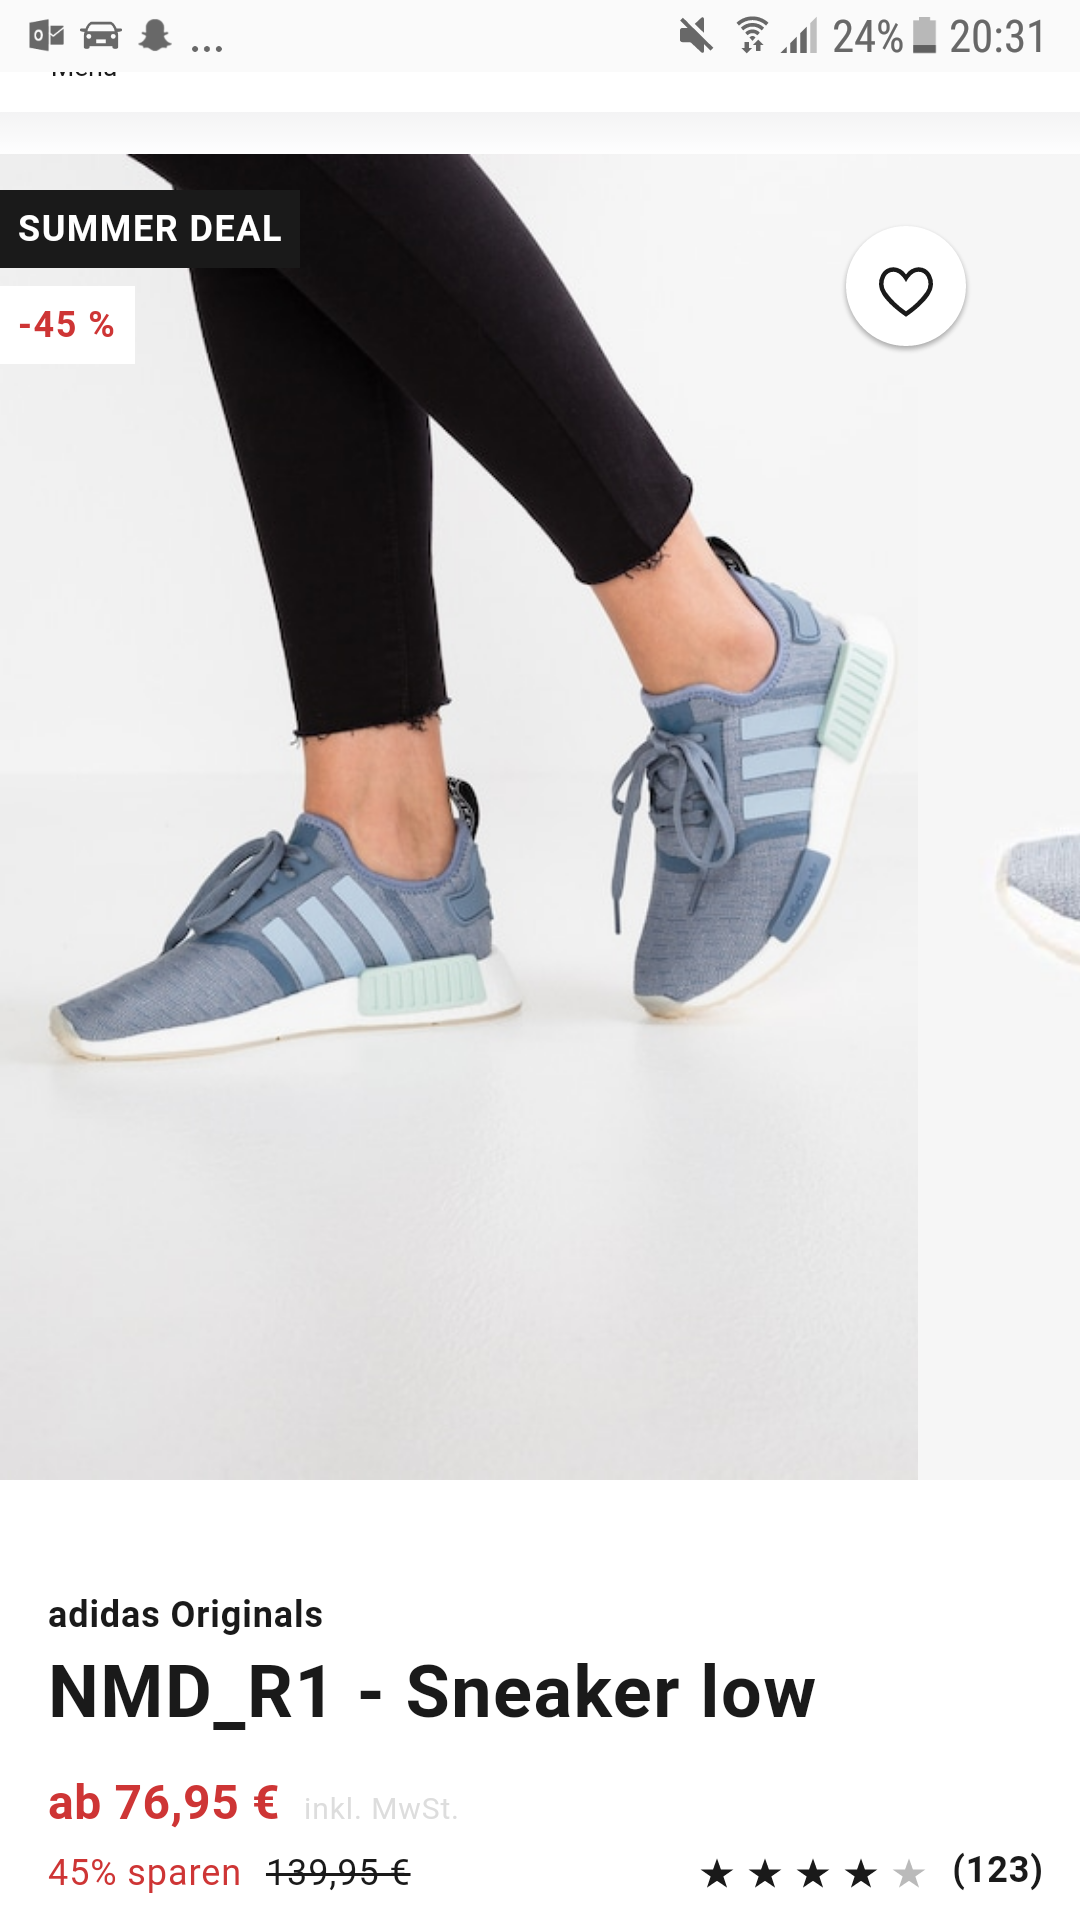 Zalando Oder Verkauft Fakes Original Schuhe Adidas Nmd Mode ...